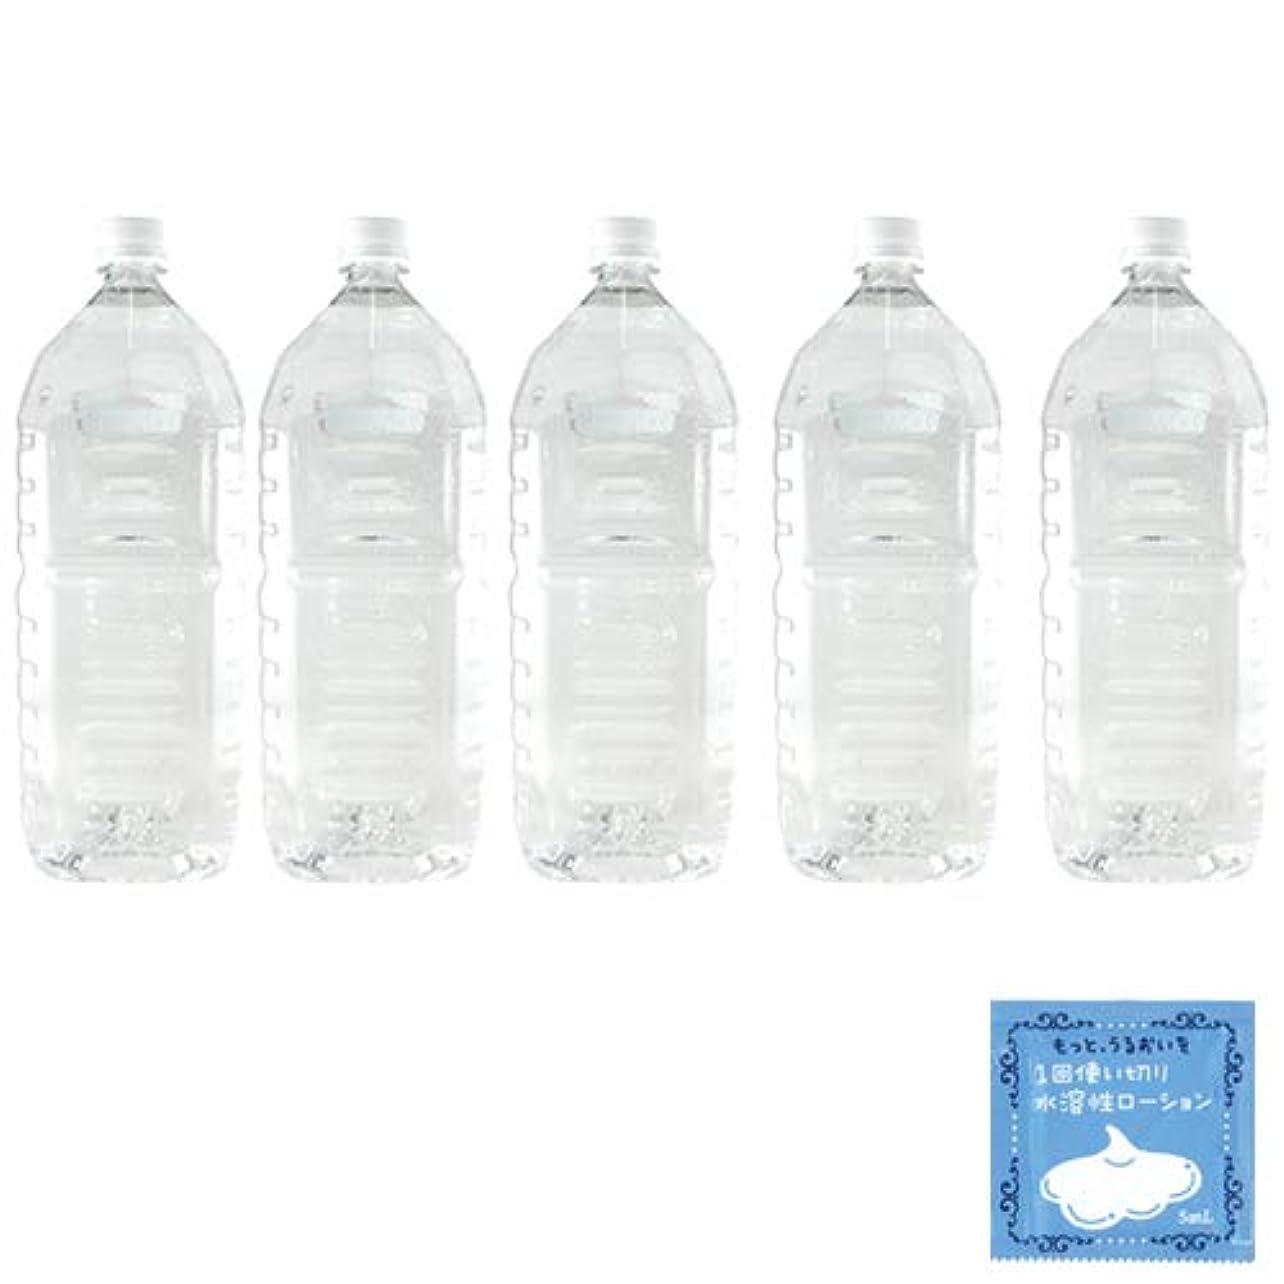 勃起音楽を聴く届けるクリアローション 2Lペットボトル ミディアムタイプ 業務用ローション×5本 + 1回使い切り水溶性潤滑ローション